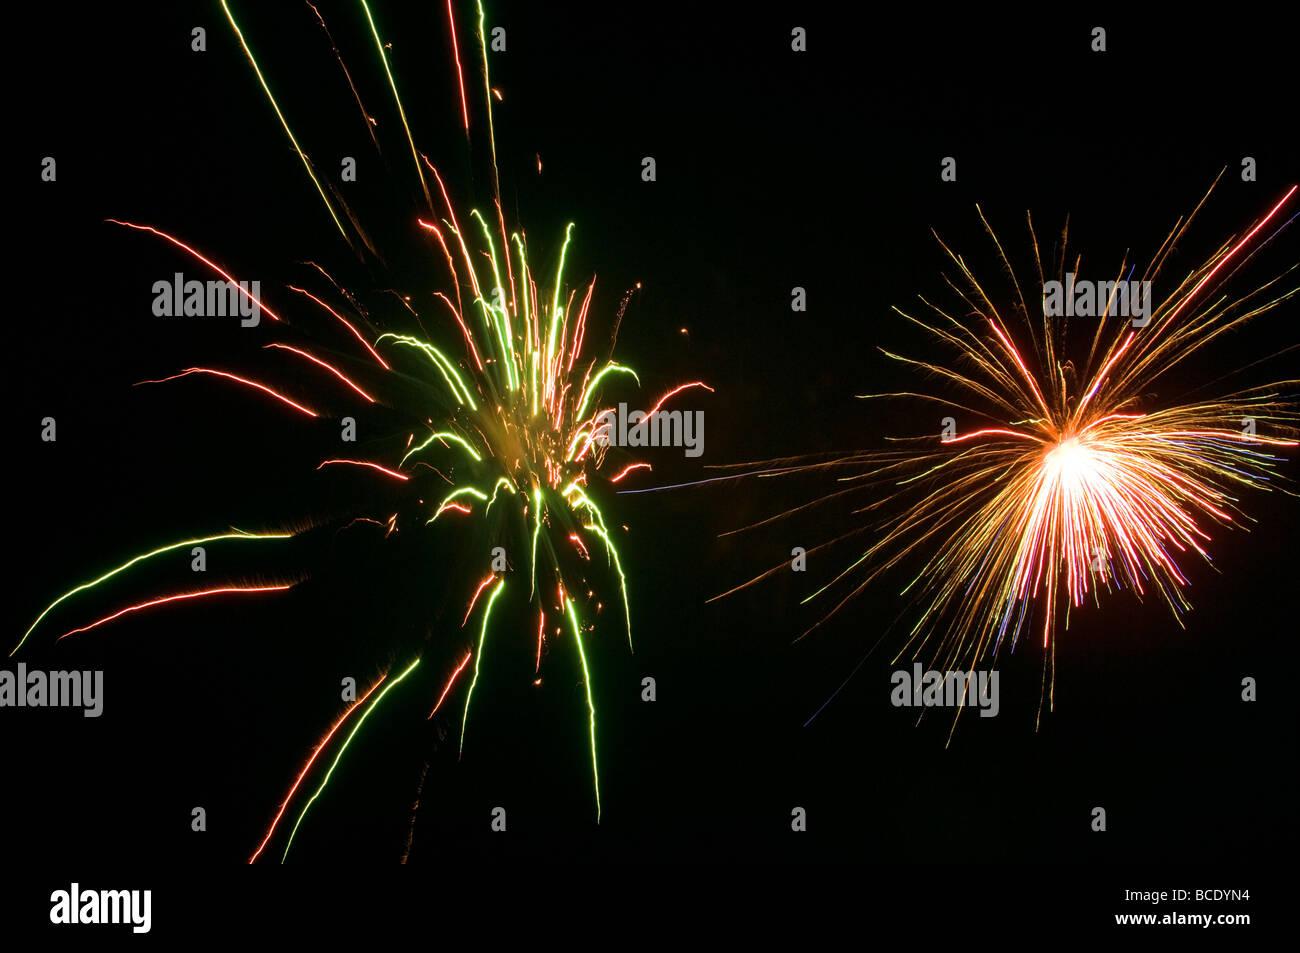 fireworks exploding fireworks celebration color colour design patriot patriotic explosions bang pop dazzel display - Stock Image